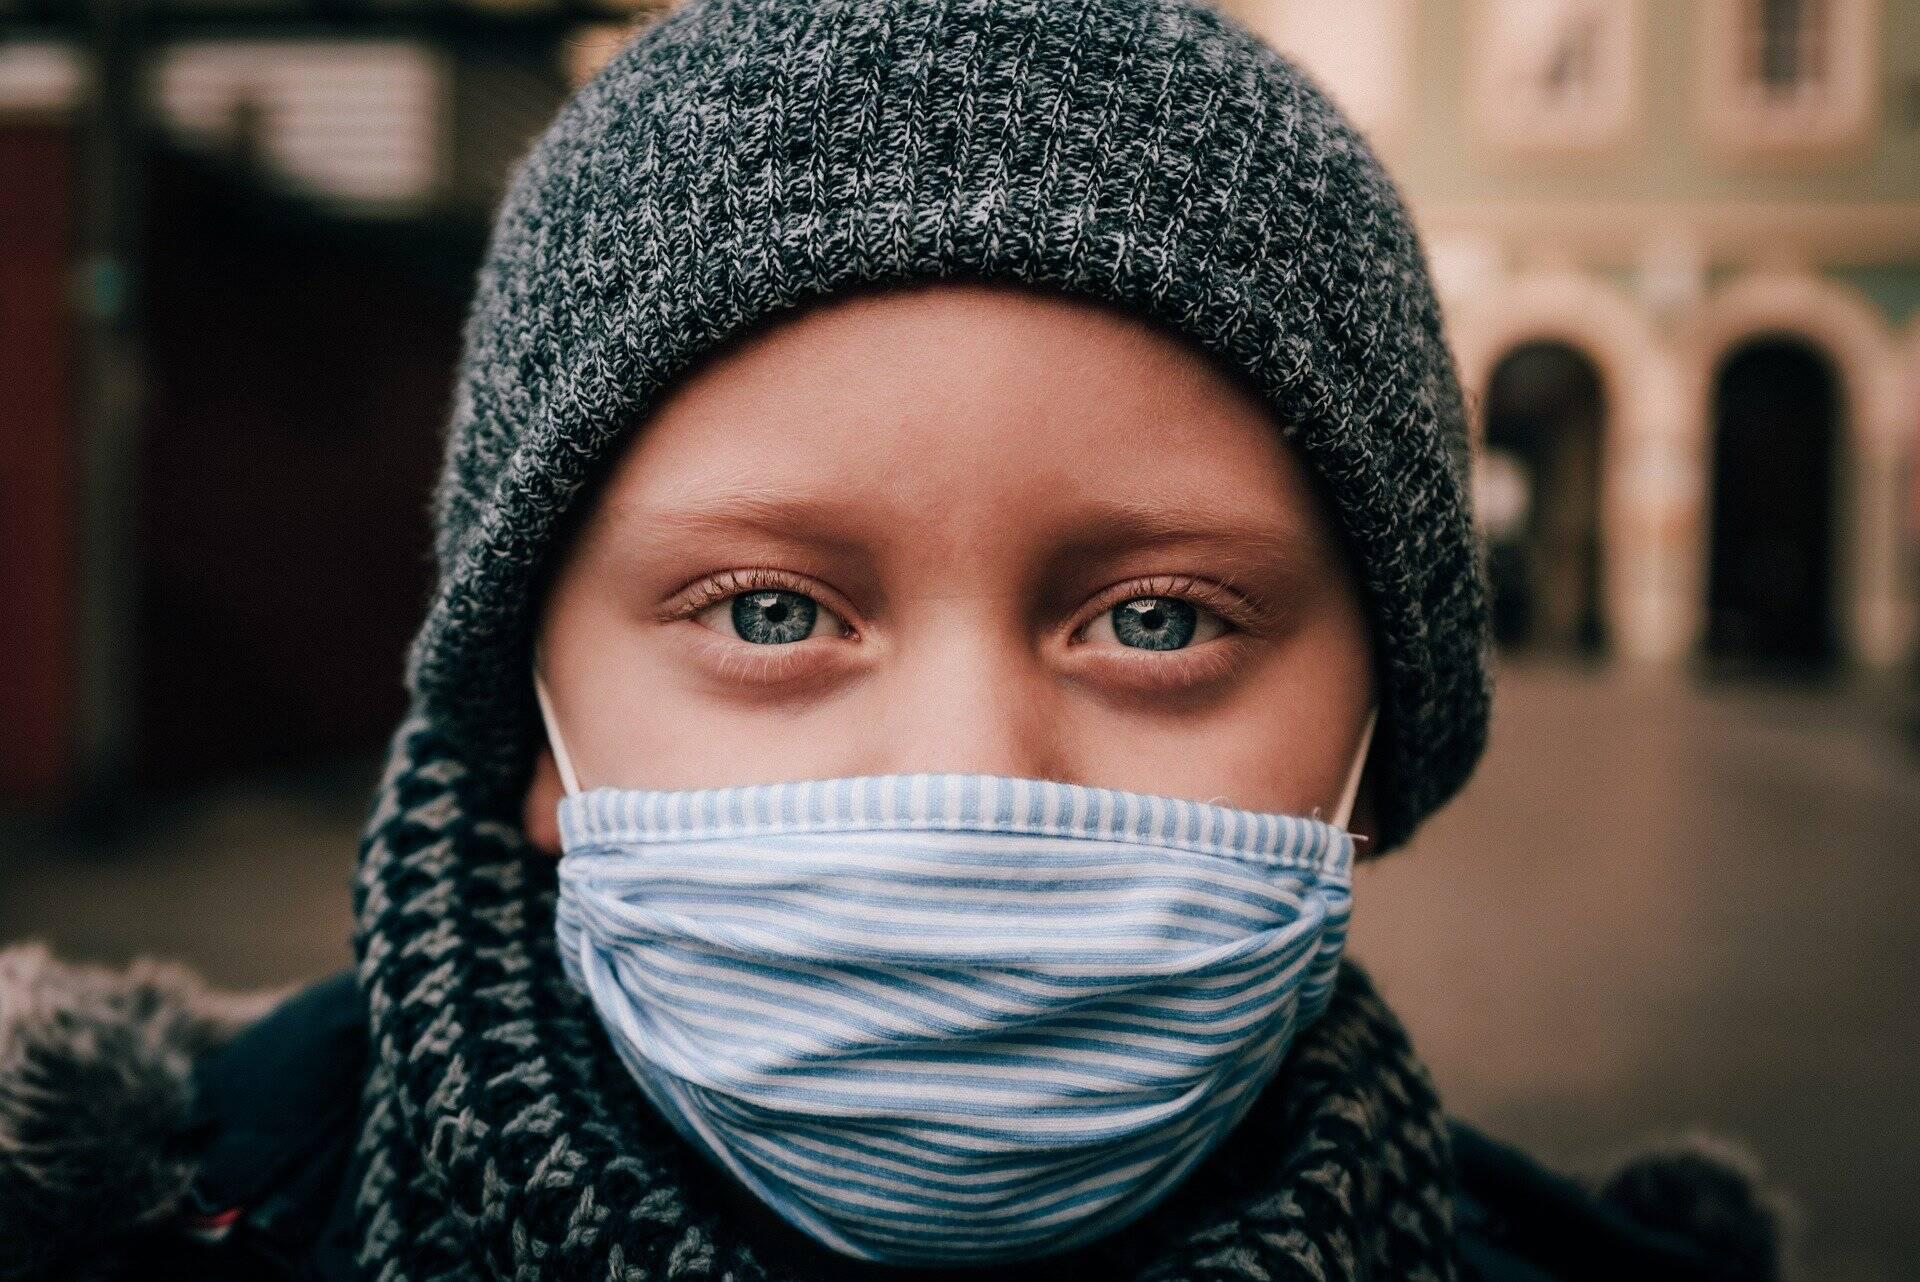 Inicialmente, especialistas acreditavam que a Covid-19 não atingia as crianças de forma agressiva, mas esse pensamento vem sendo alterado devido ao número de pequenos internados com o vírus (Foto: Pixabay)